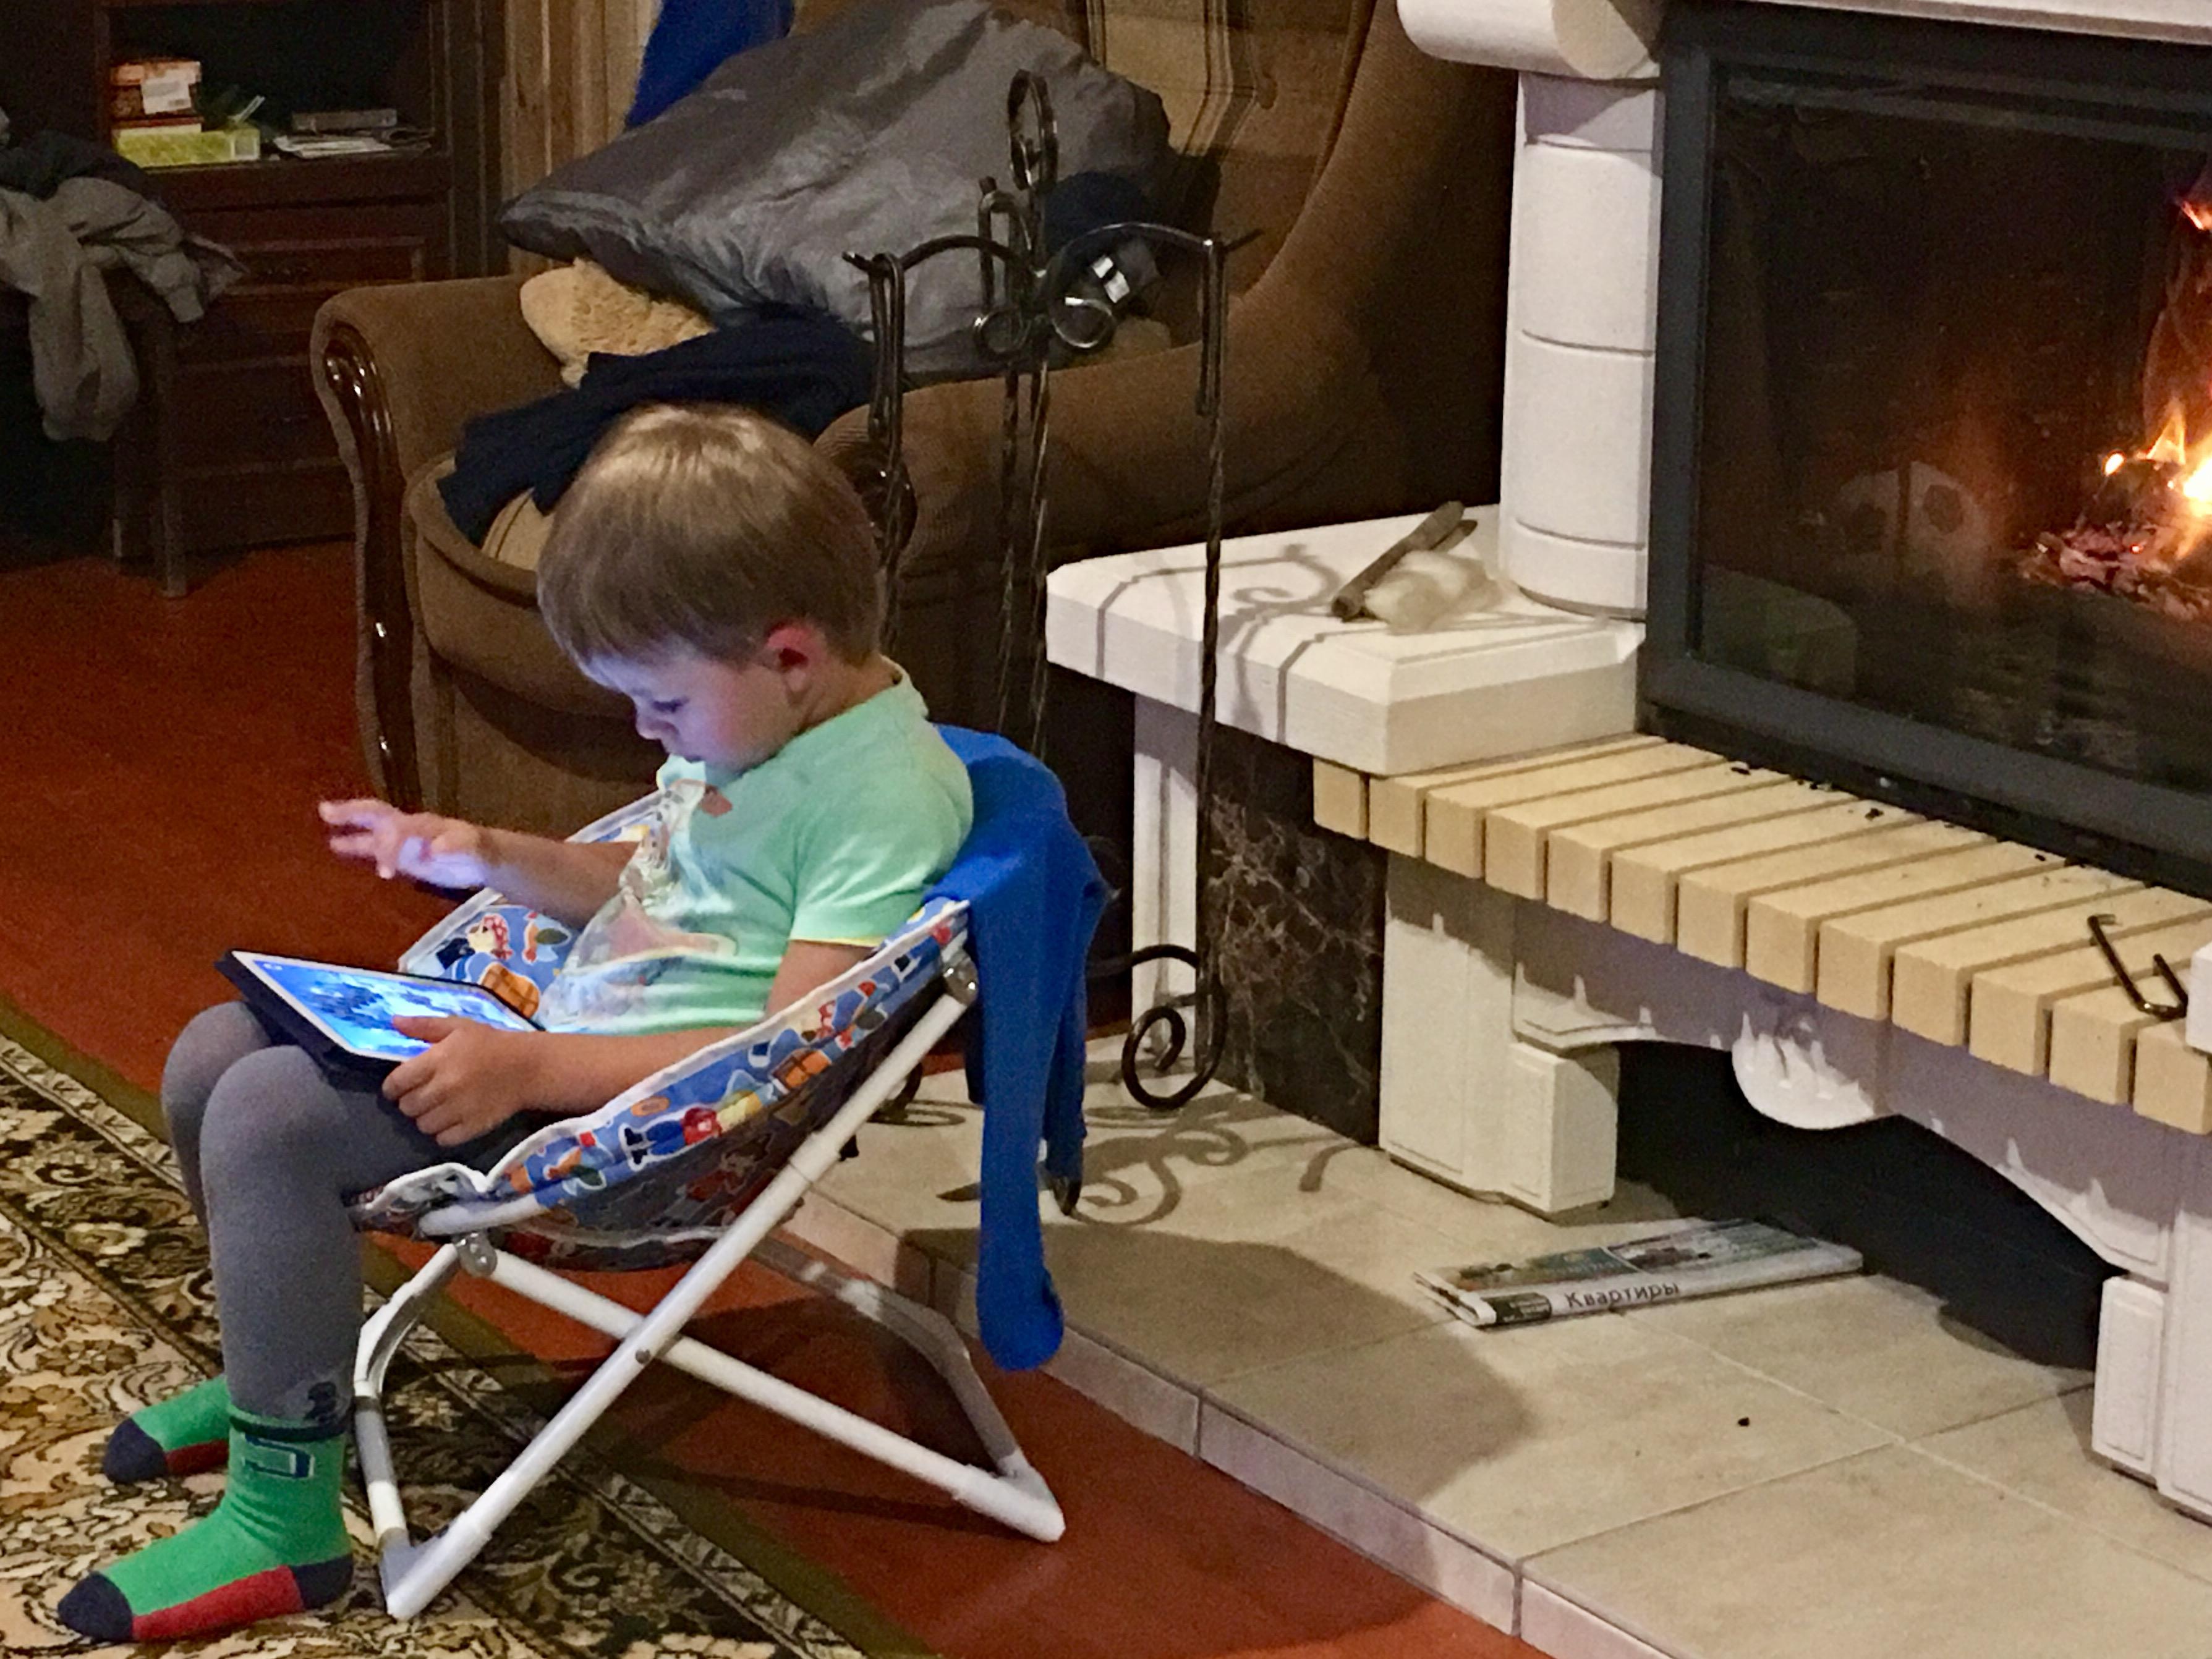 Хорошо погреться и поиграть (на даче у камина)!. Дети в интернете